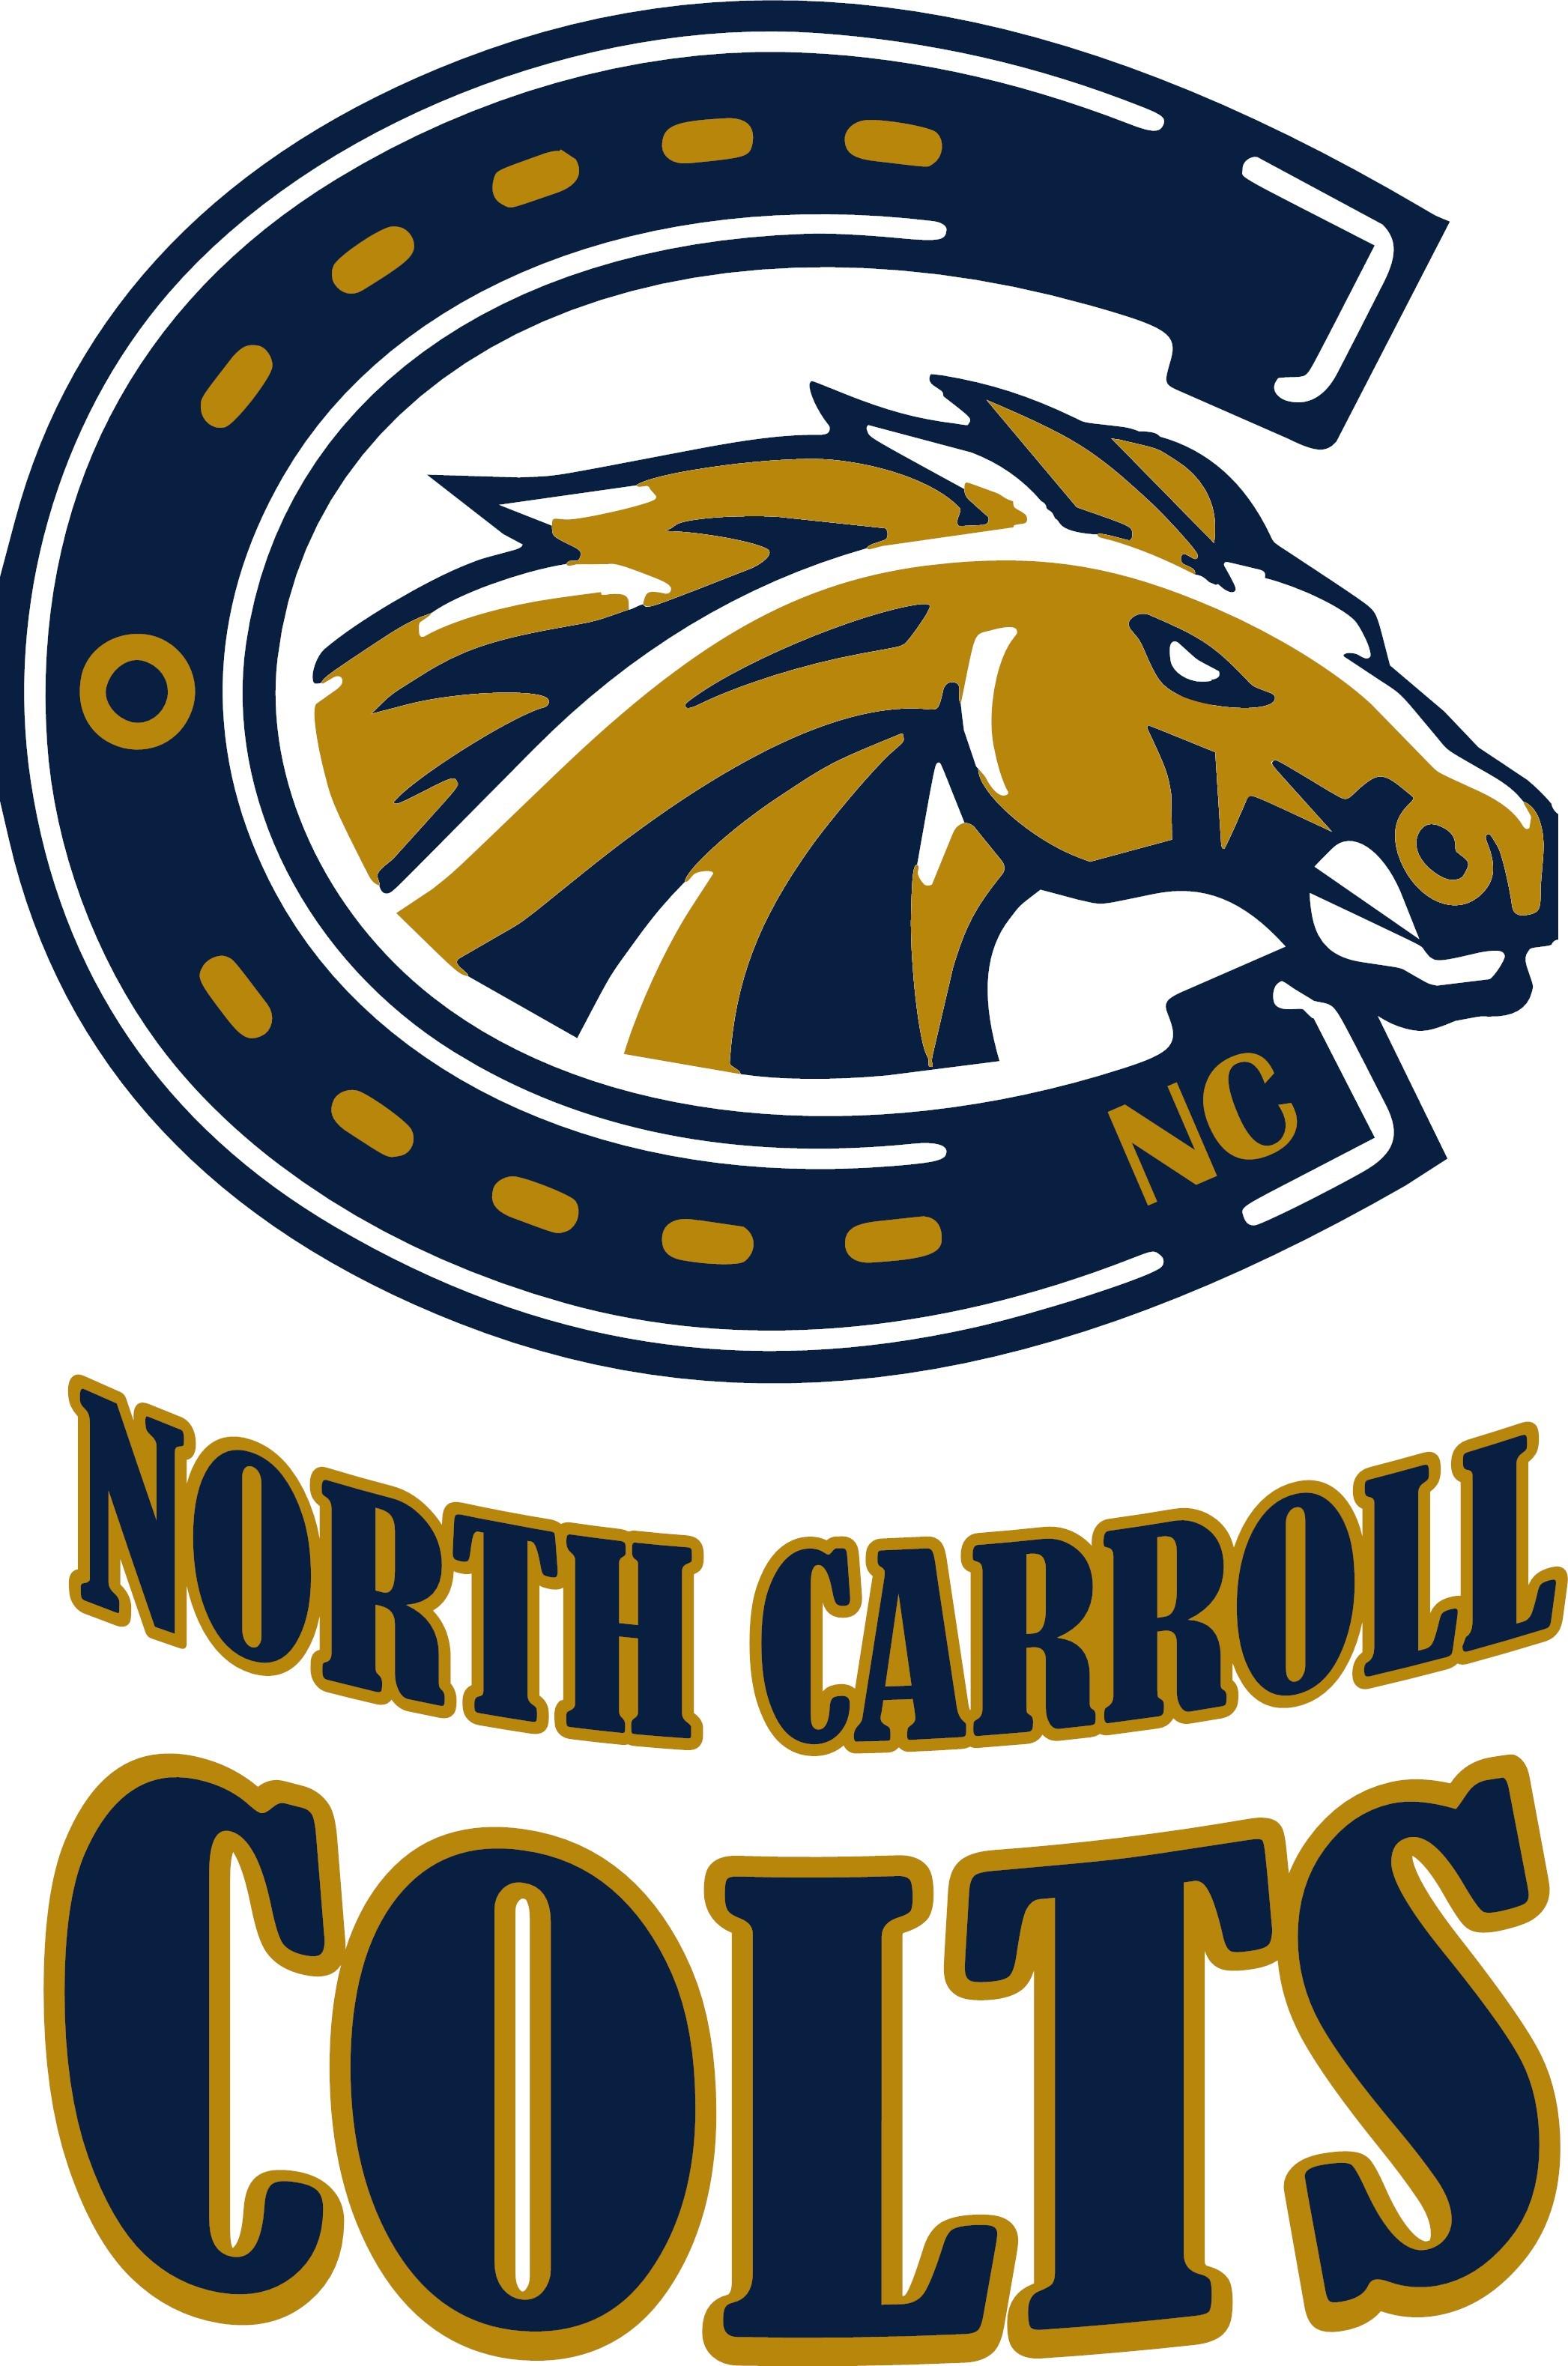 North Carroll Colts Football and Cheer Logo